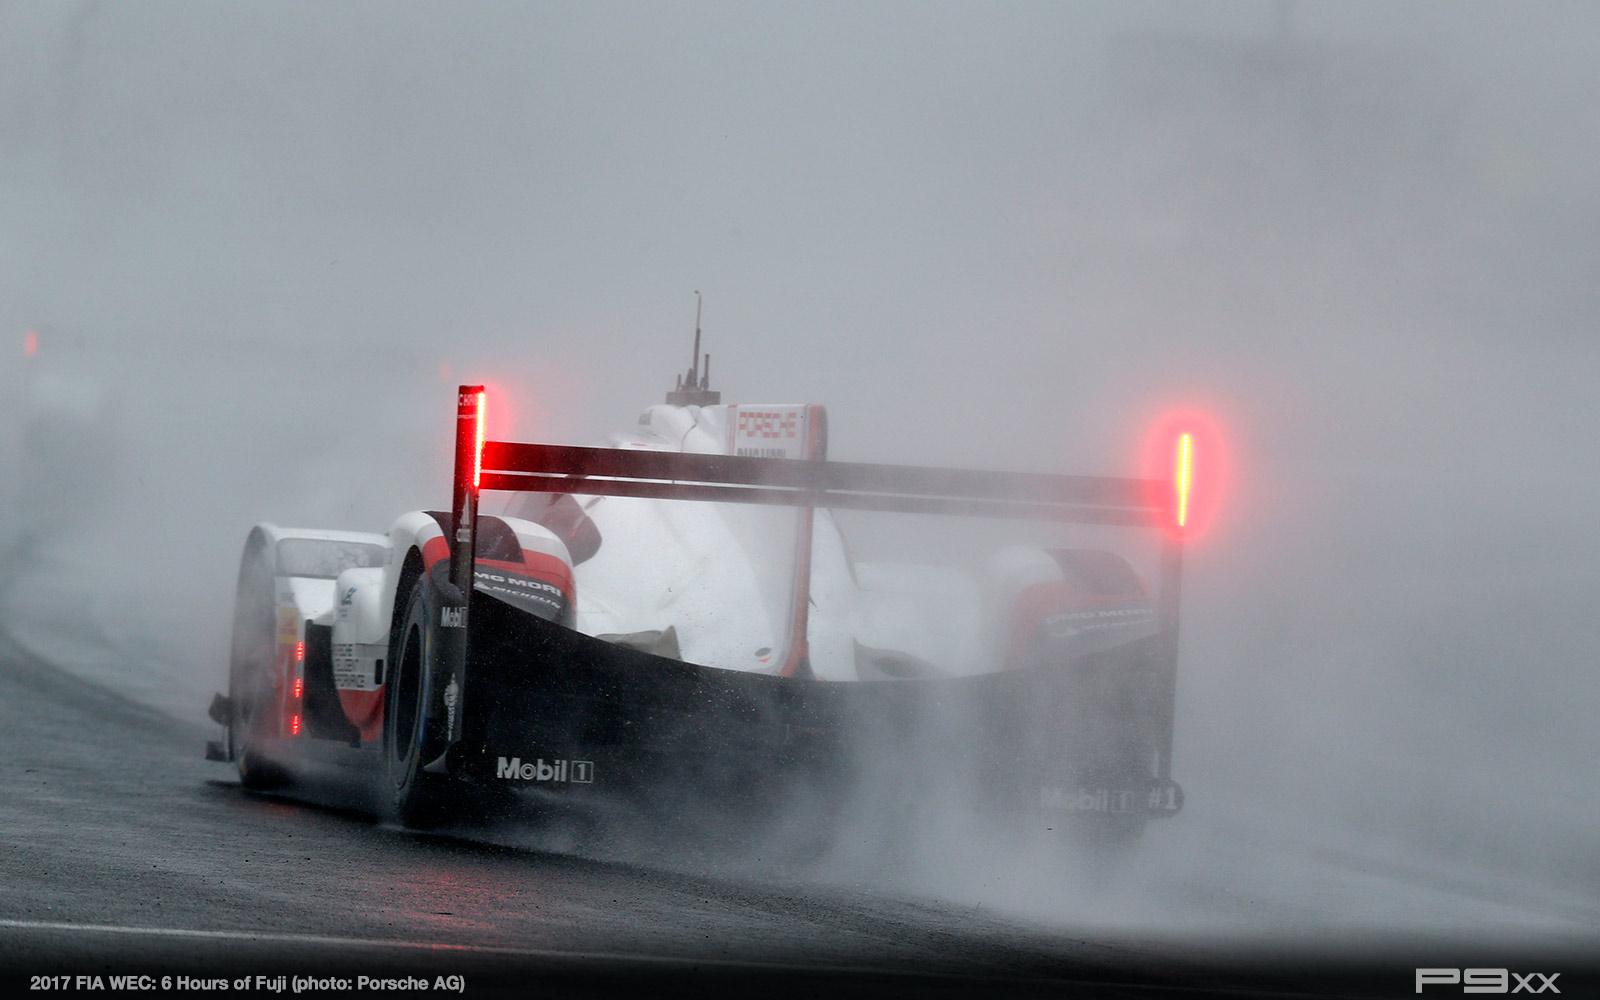 2017-FIA-WEC-6h-of-Fuji-Porsche-439